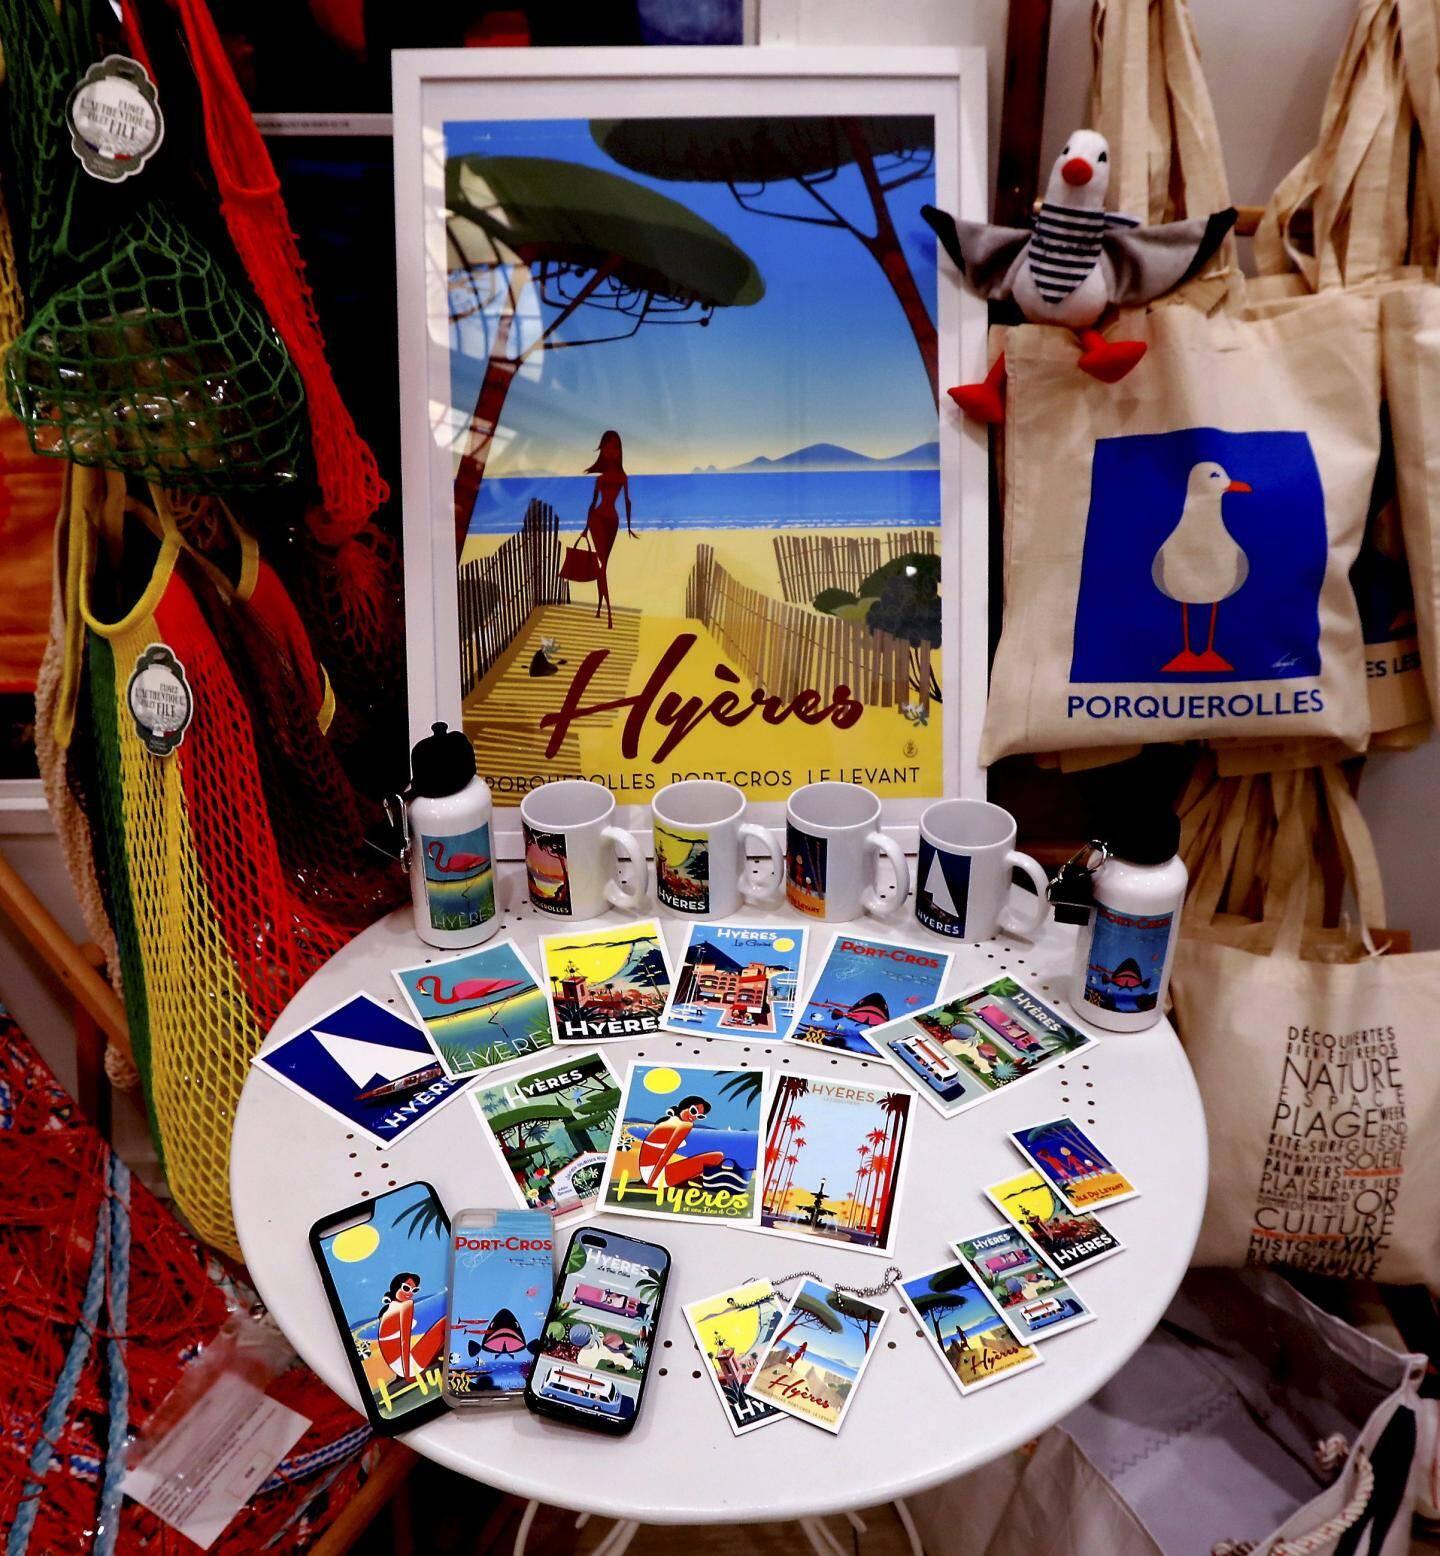 Affiches, cartes postales, coques de téléphone, magnets et mugs signés Monsieur Z.